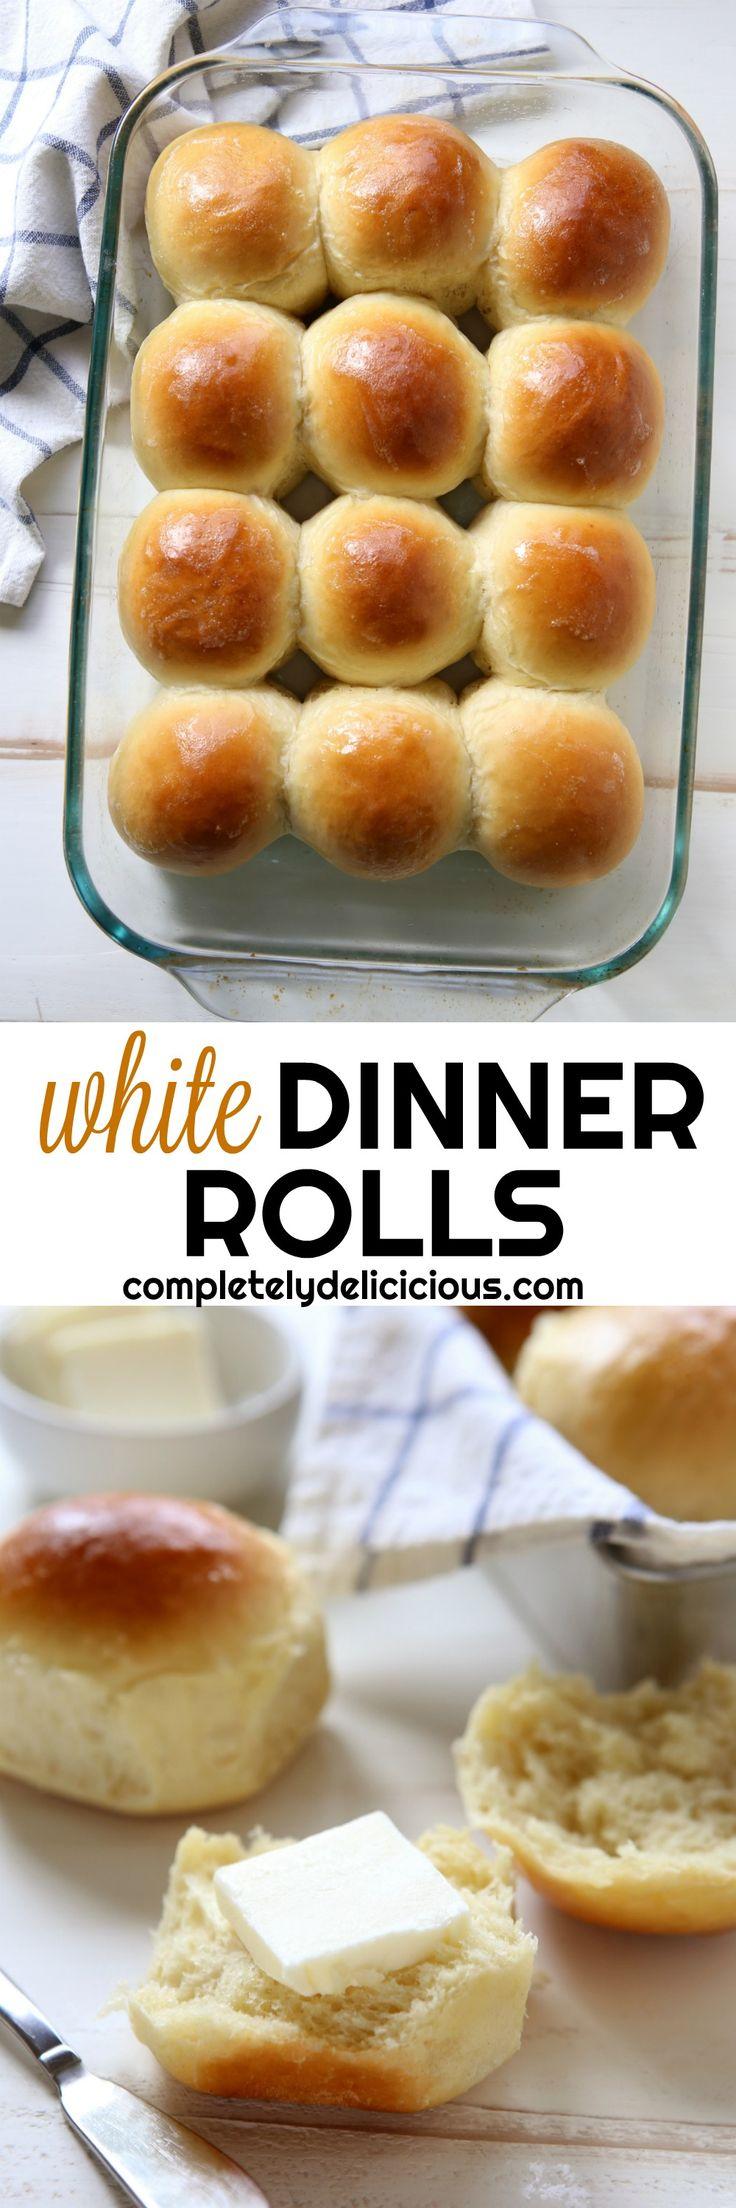 The Best White Dinner Rolls!